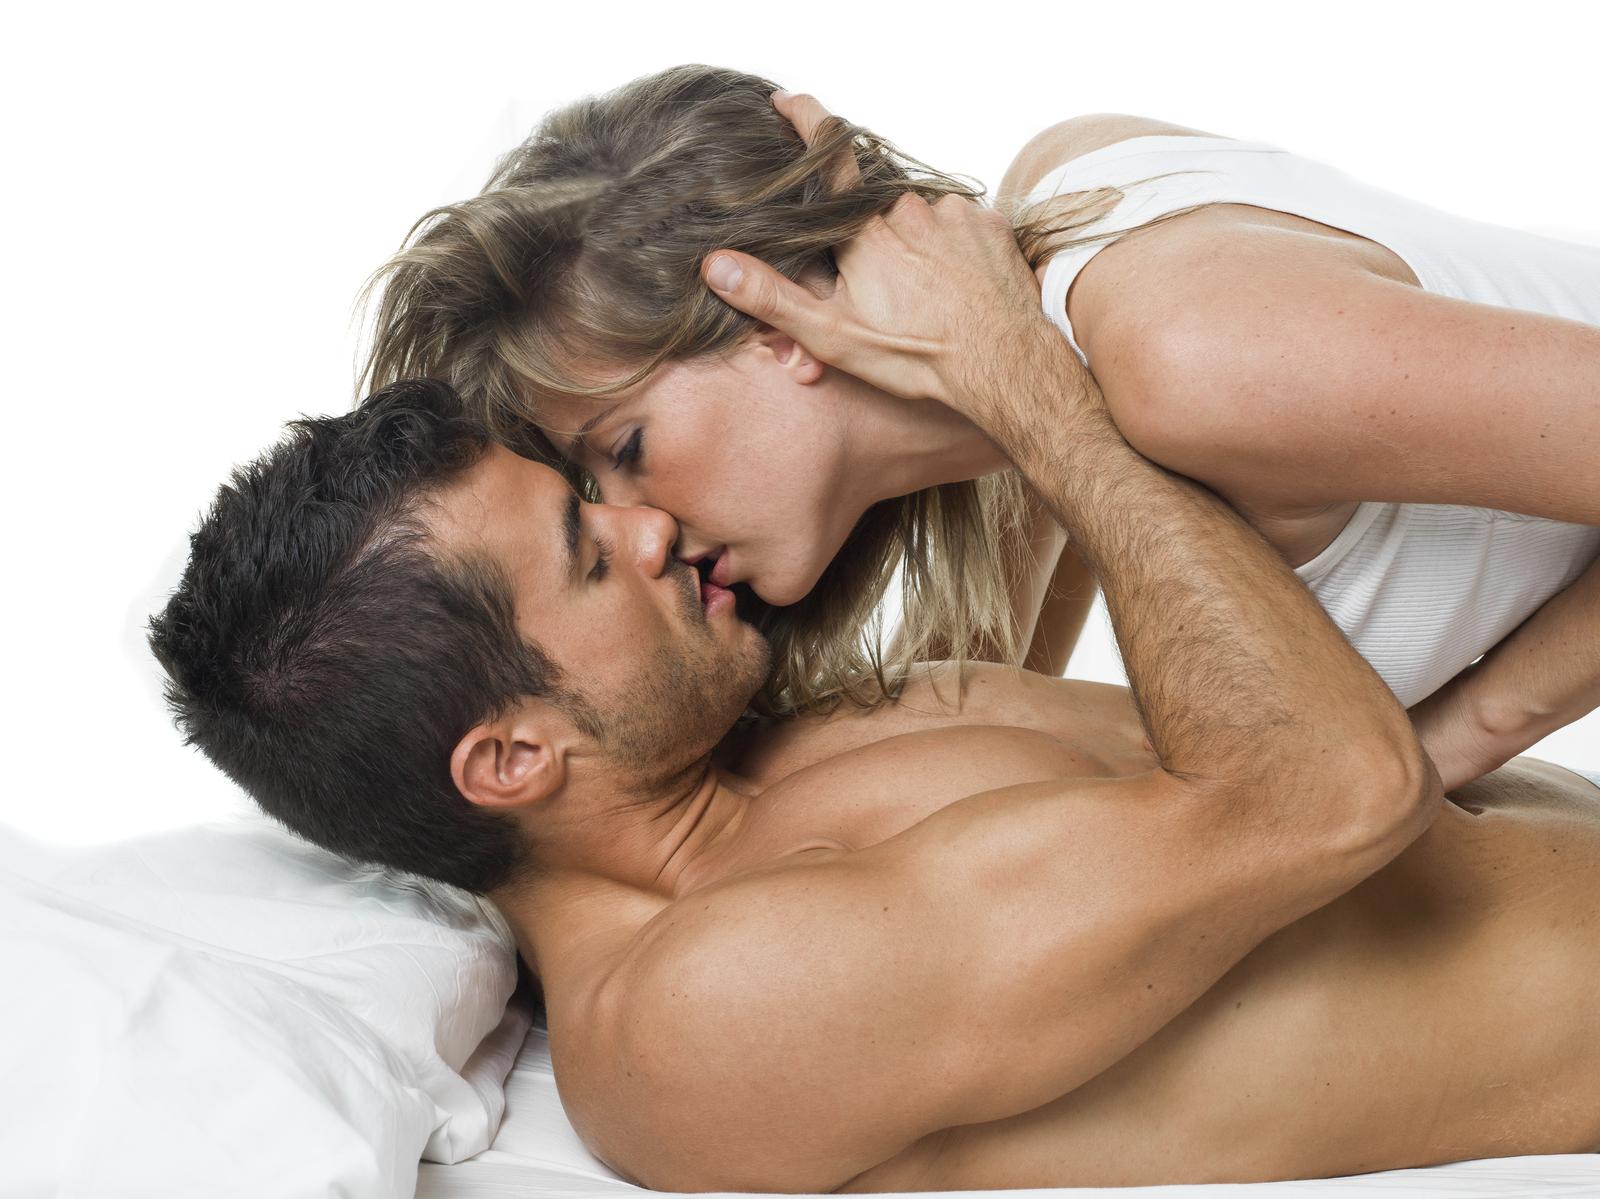 Секс ипорно в россии, Русское порно. Секс с русскими девушками. Смотреть 12 фотография